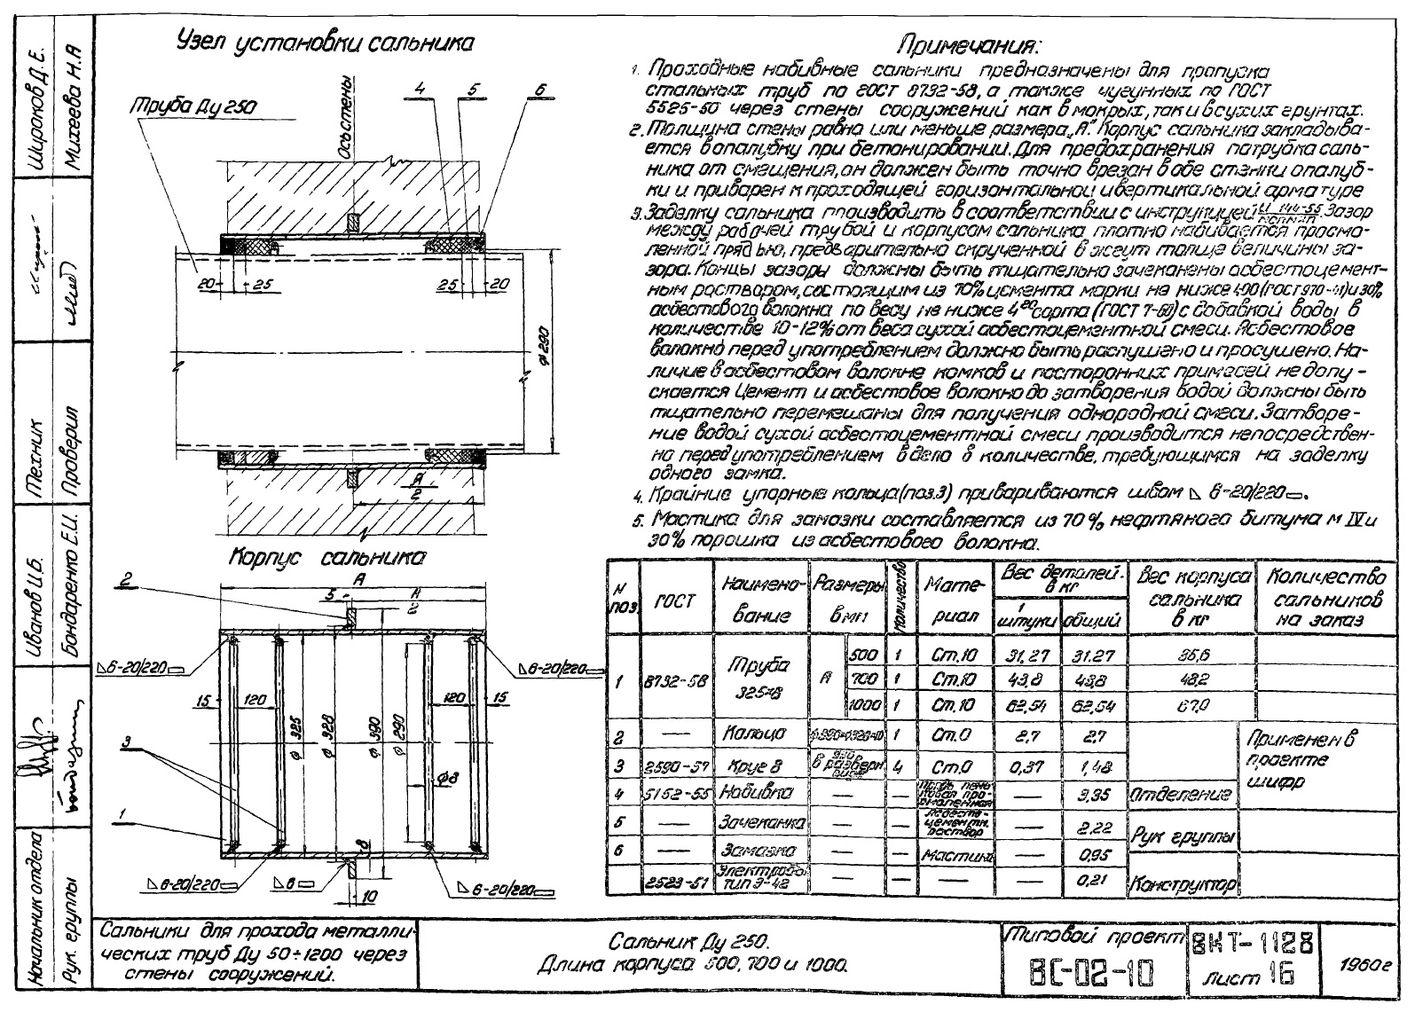 Сальники набивные L = 500 мм типовой проект ВС-02-10 стр.7